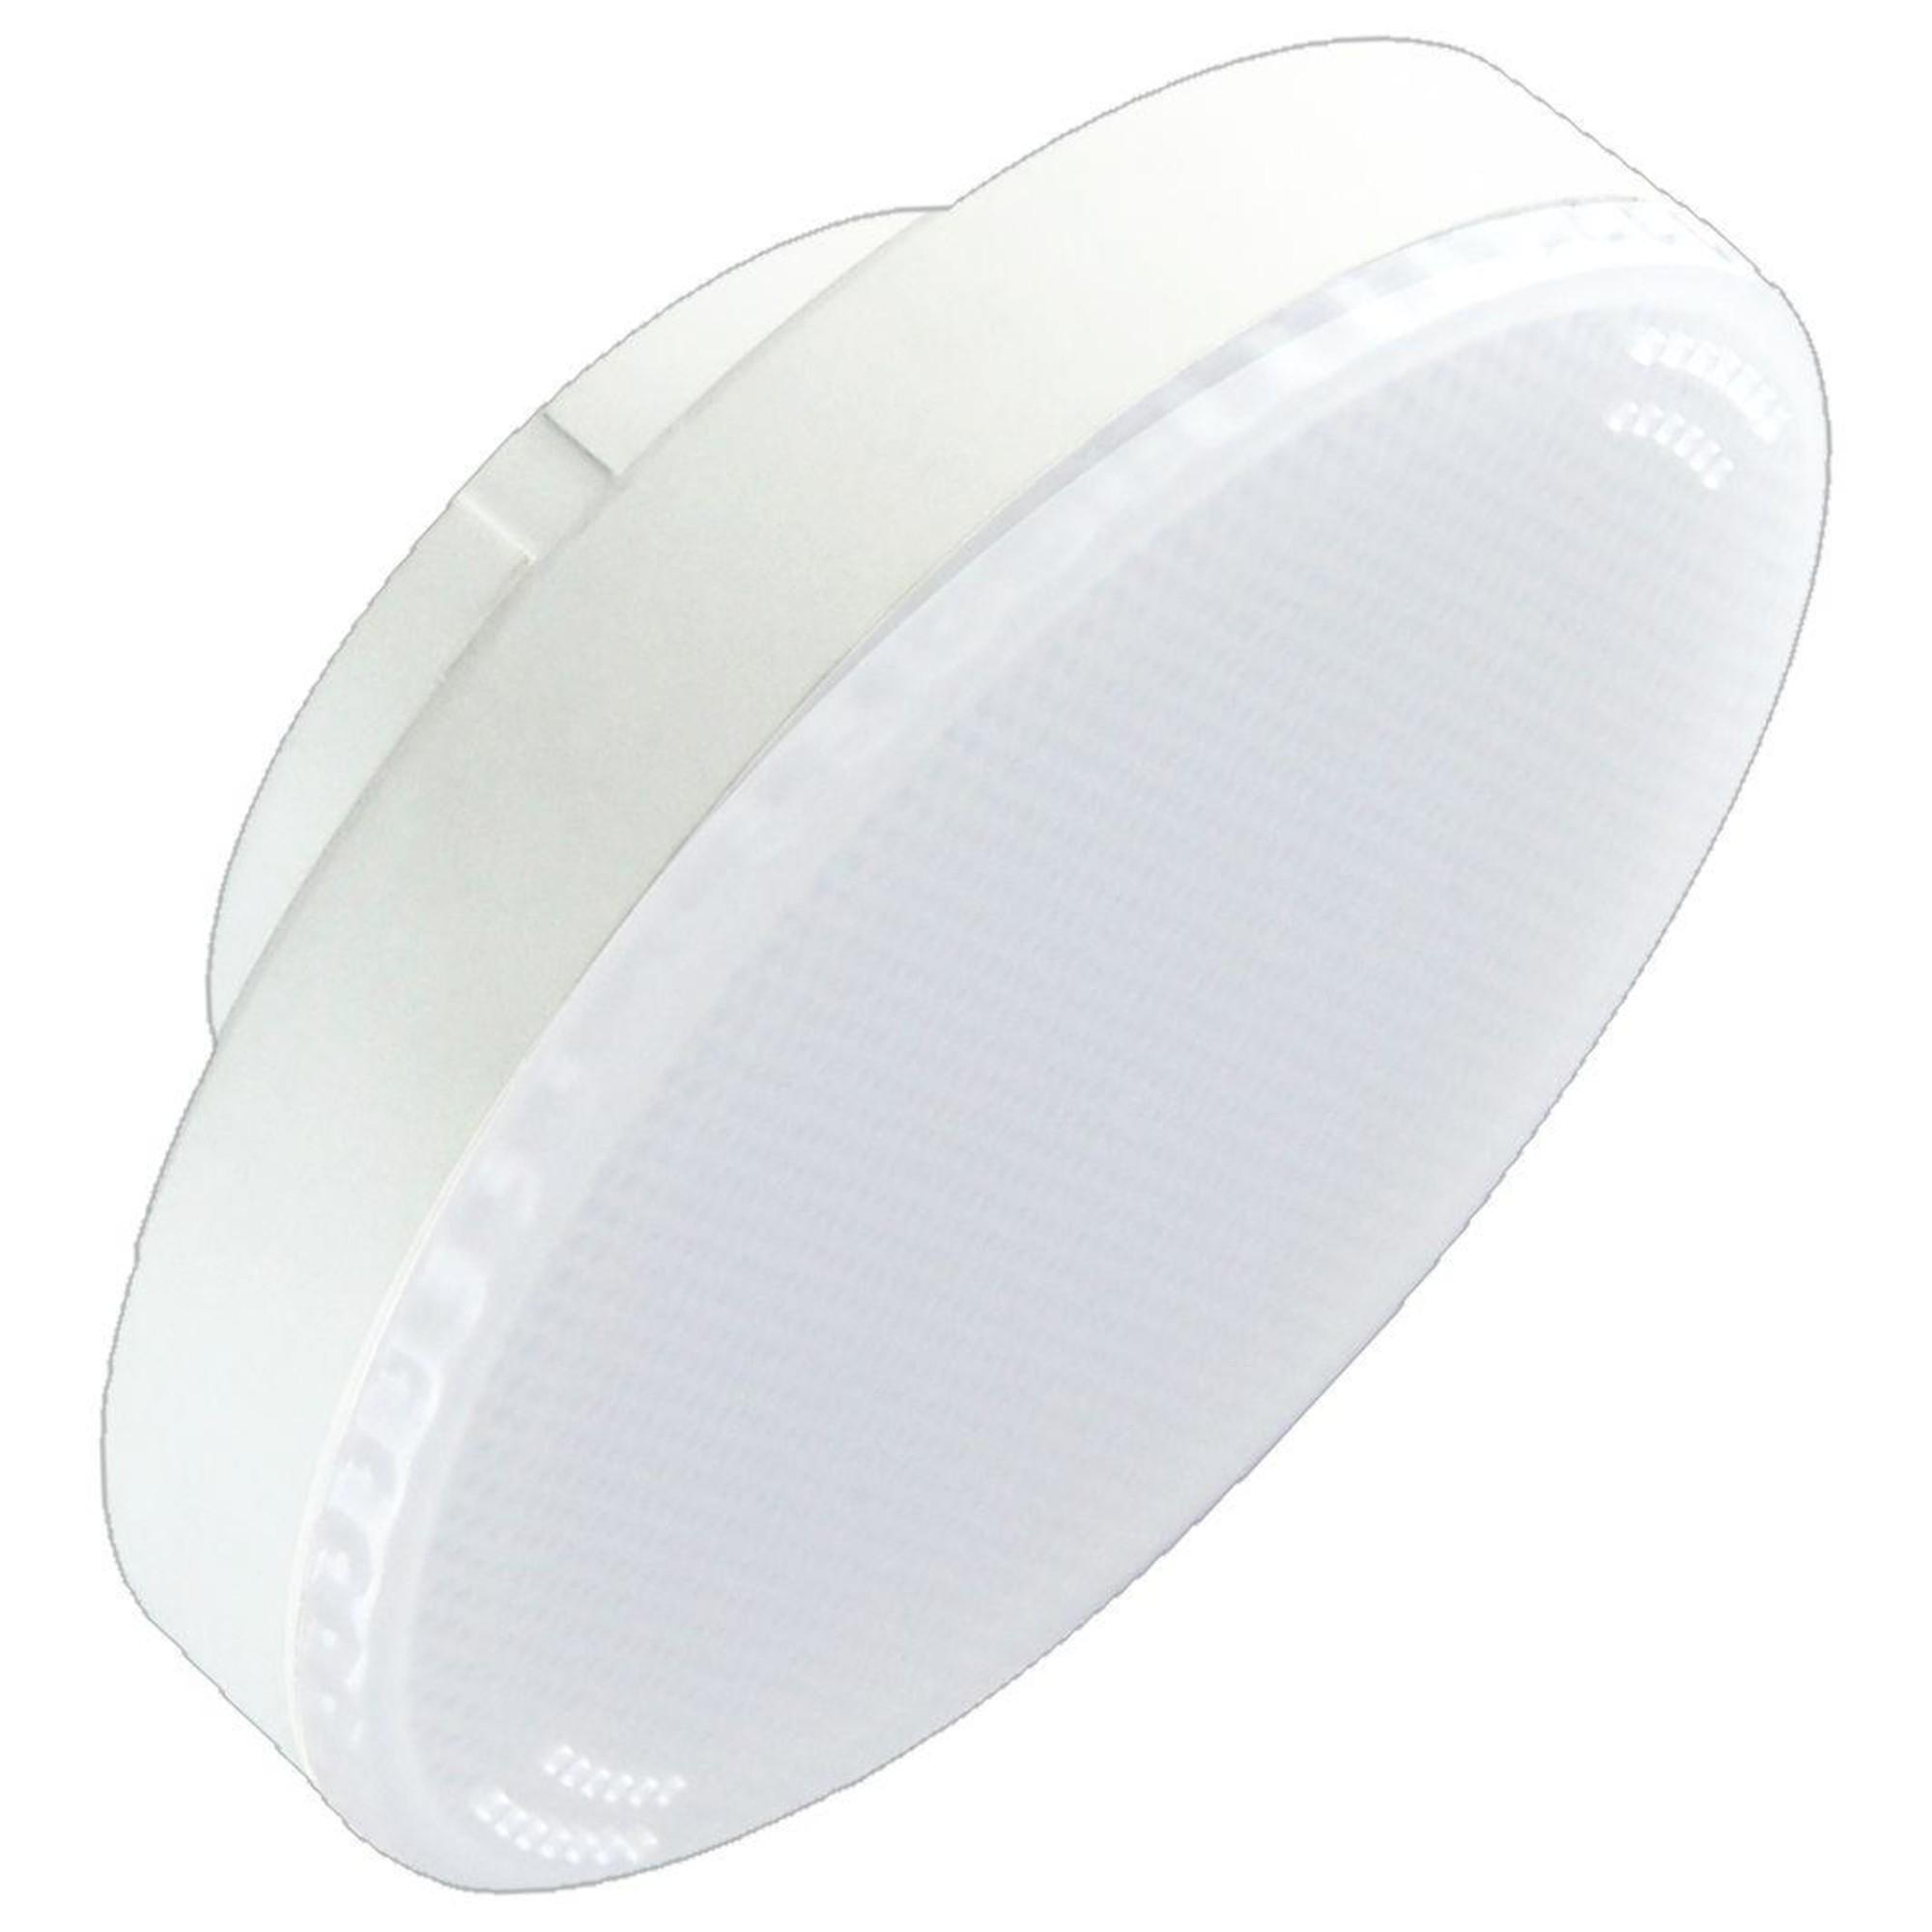 Лампа Ecola стандарт светодионая GX53 8.50 Вт таблетка 680 Лм холодный свет